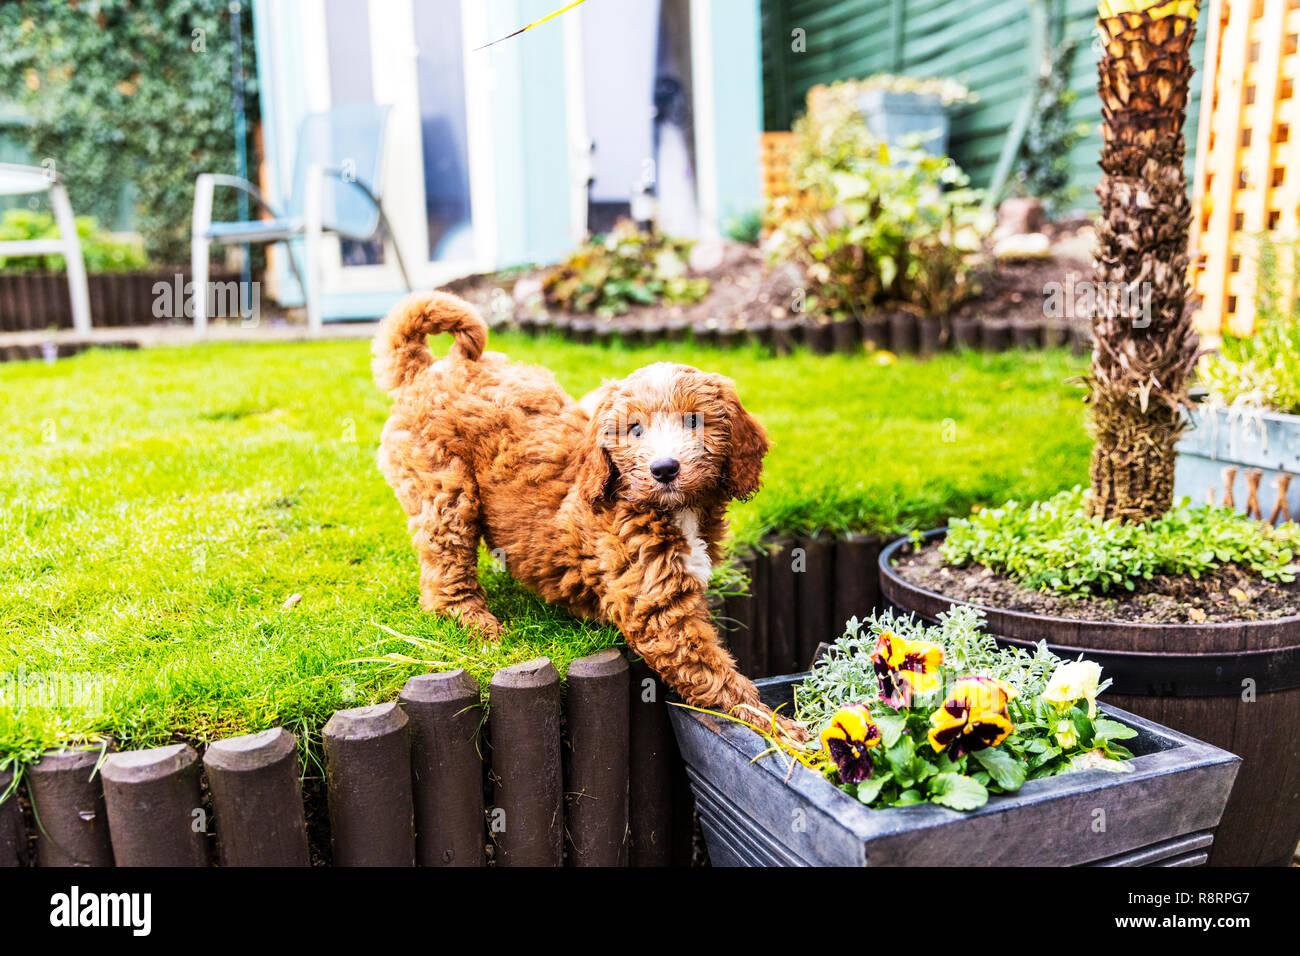 Mischievous dog, Mischievous puppy, cheeky puppy, cheeky dog, puppy, dog, cockapoo, naughty puppy, naughty dog, up to no good, naughty, cheeky, puppy - Stock Image